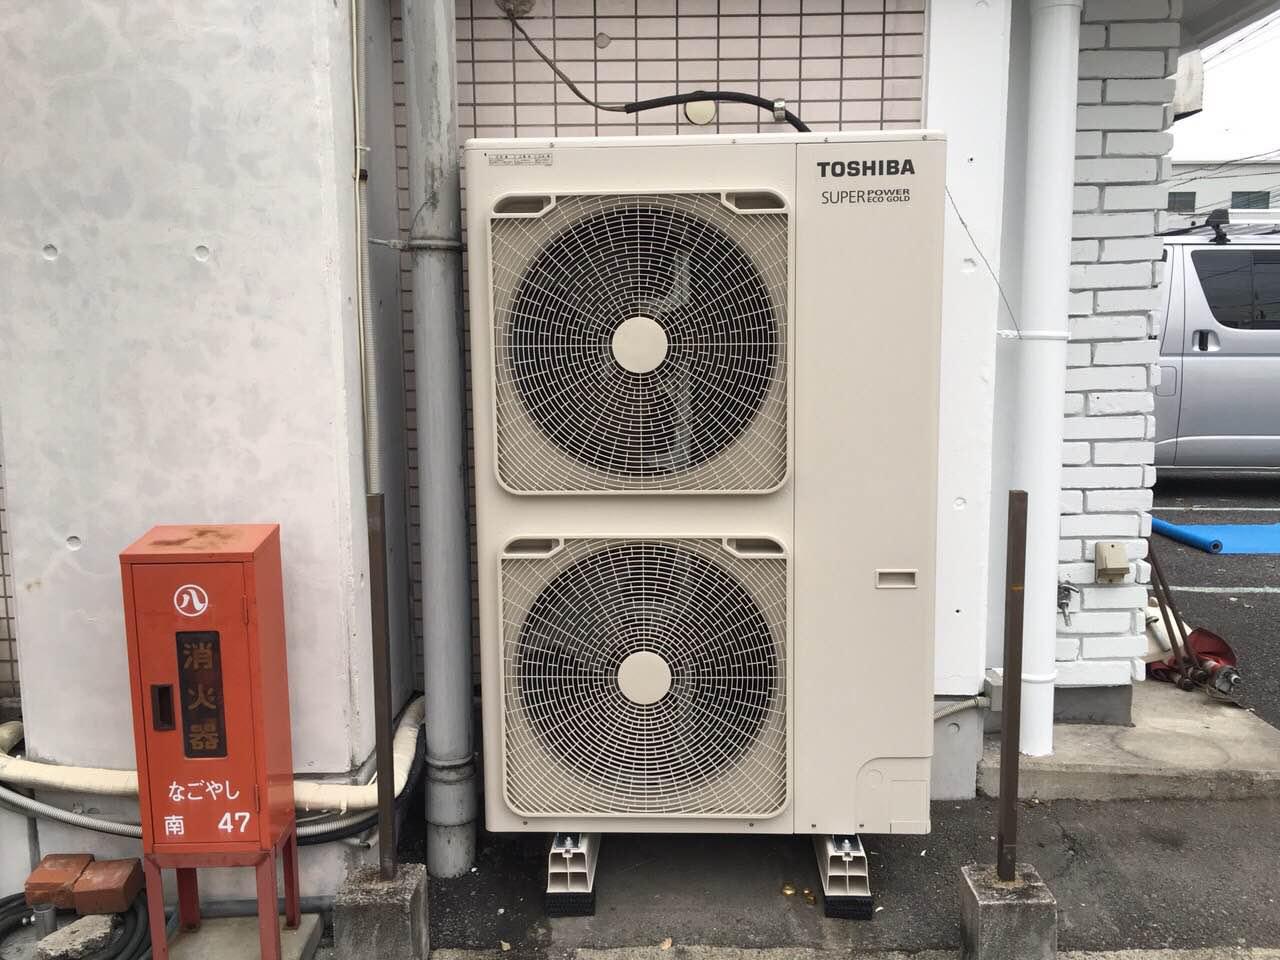 名古屋市 | 業務用エアコン工事 | 27年10月3日